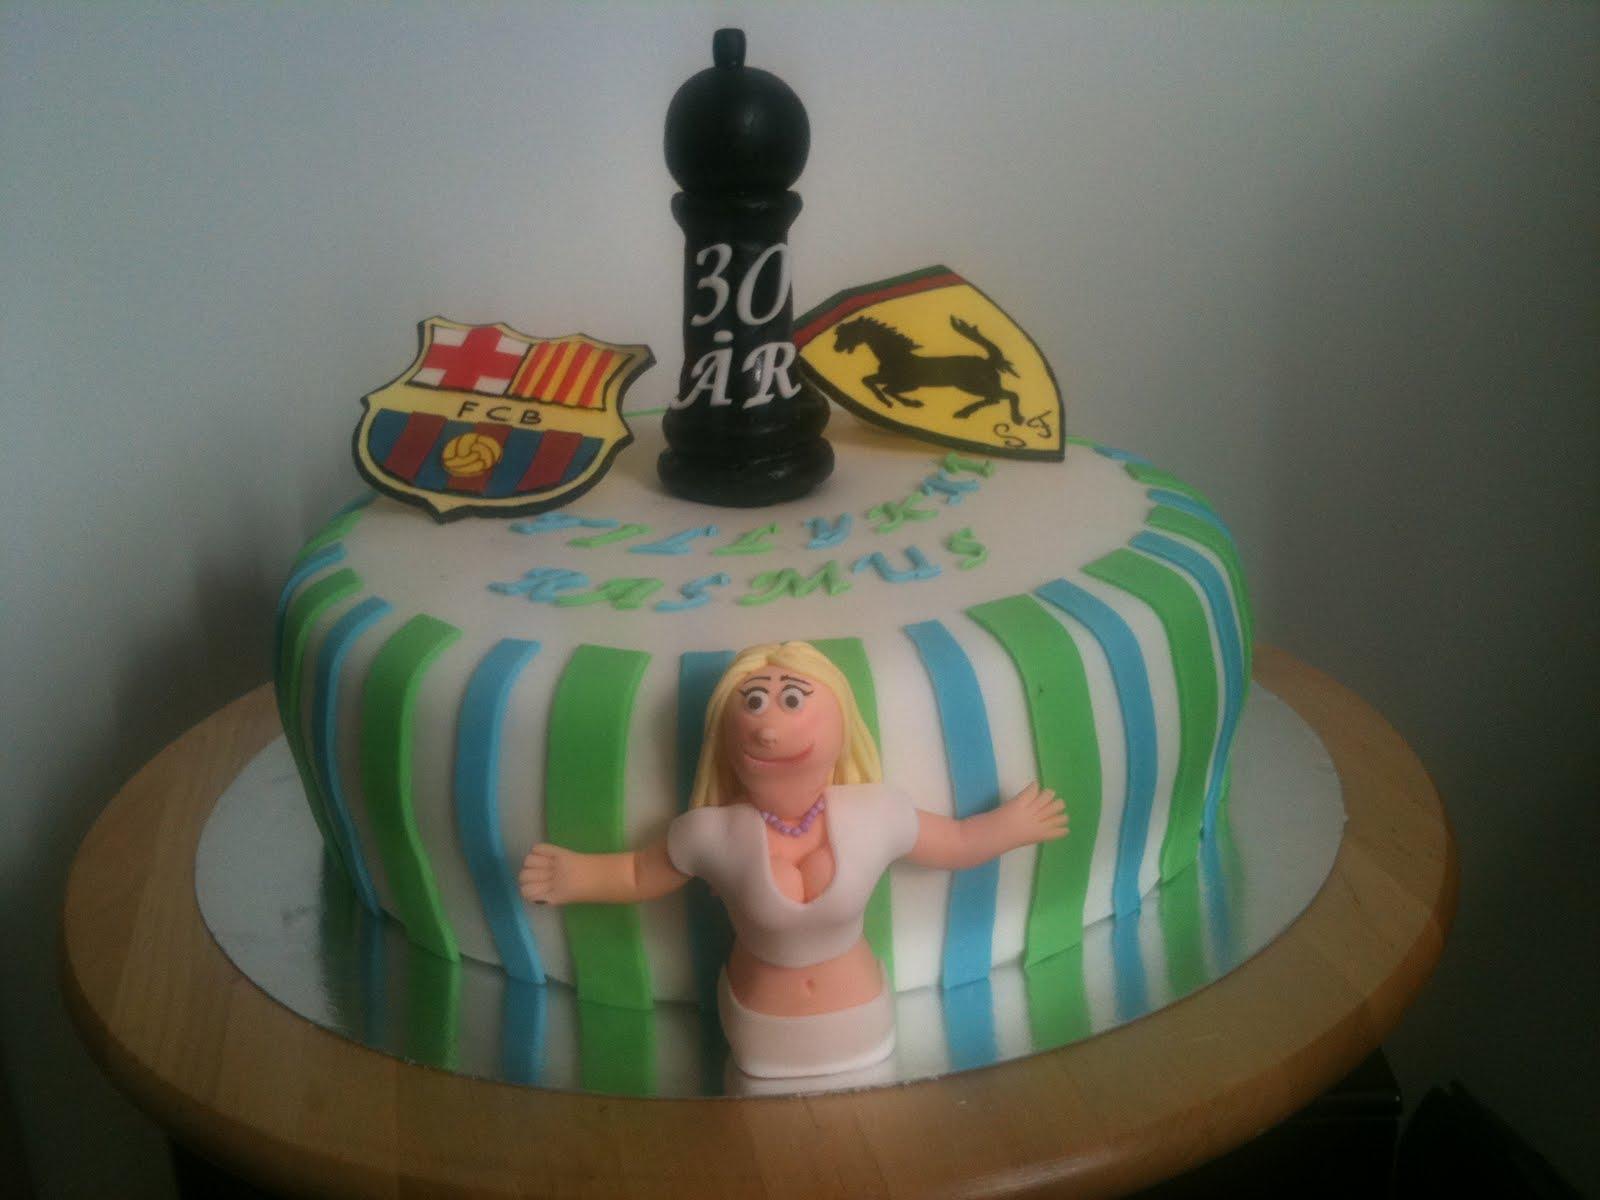 kage til 30 års fødselsdag